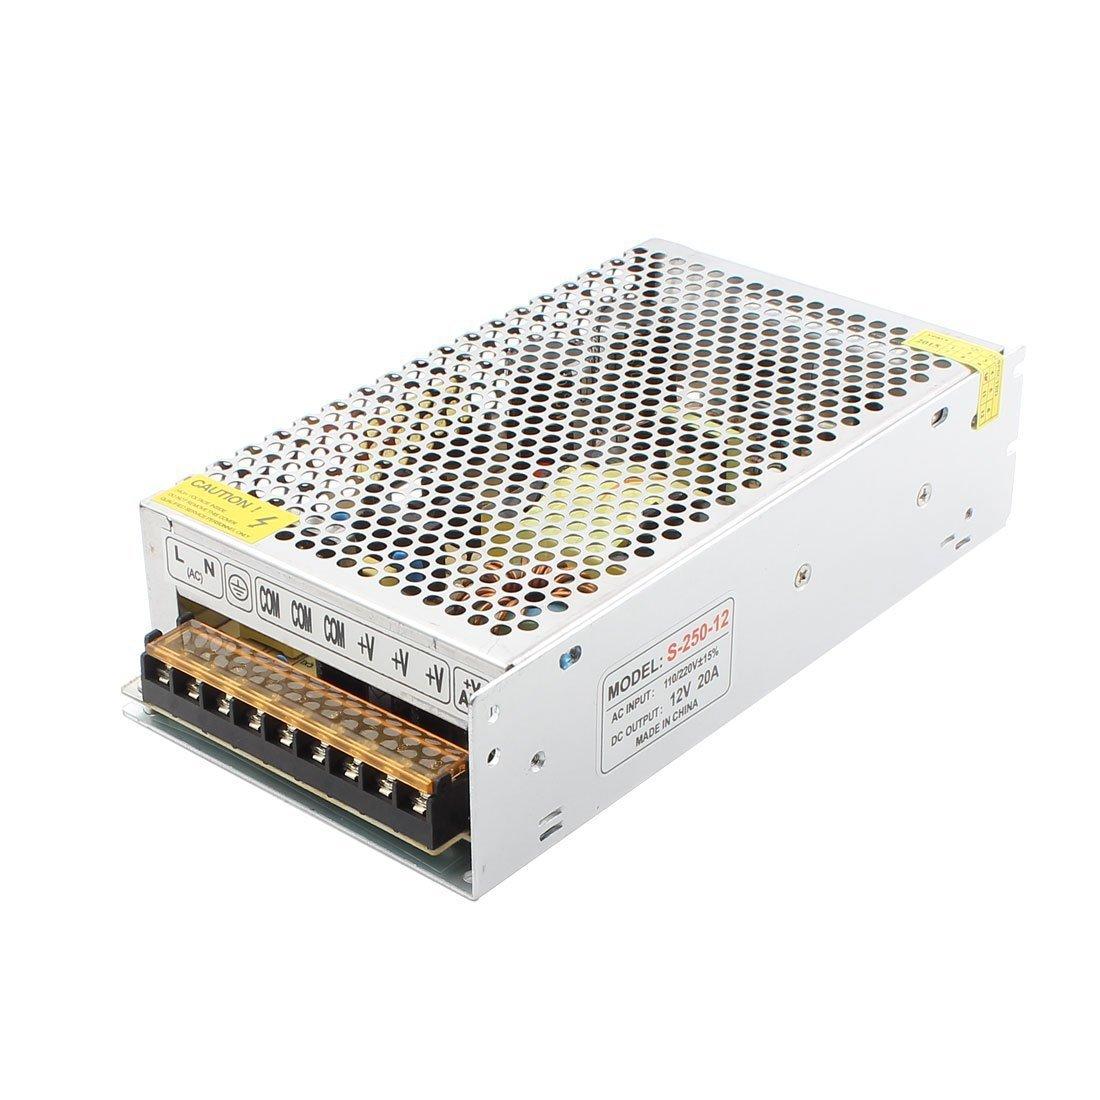 DARUNLAI Bộ nguồn cho đèn LED Giám sát nguồn cung cấp Bộ truyền động LED Bộ nguồn chuyển đổi 240W20A